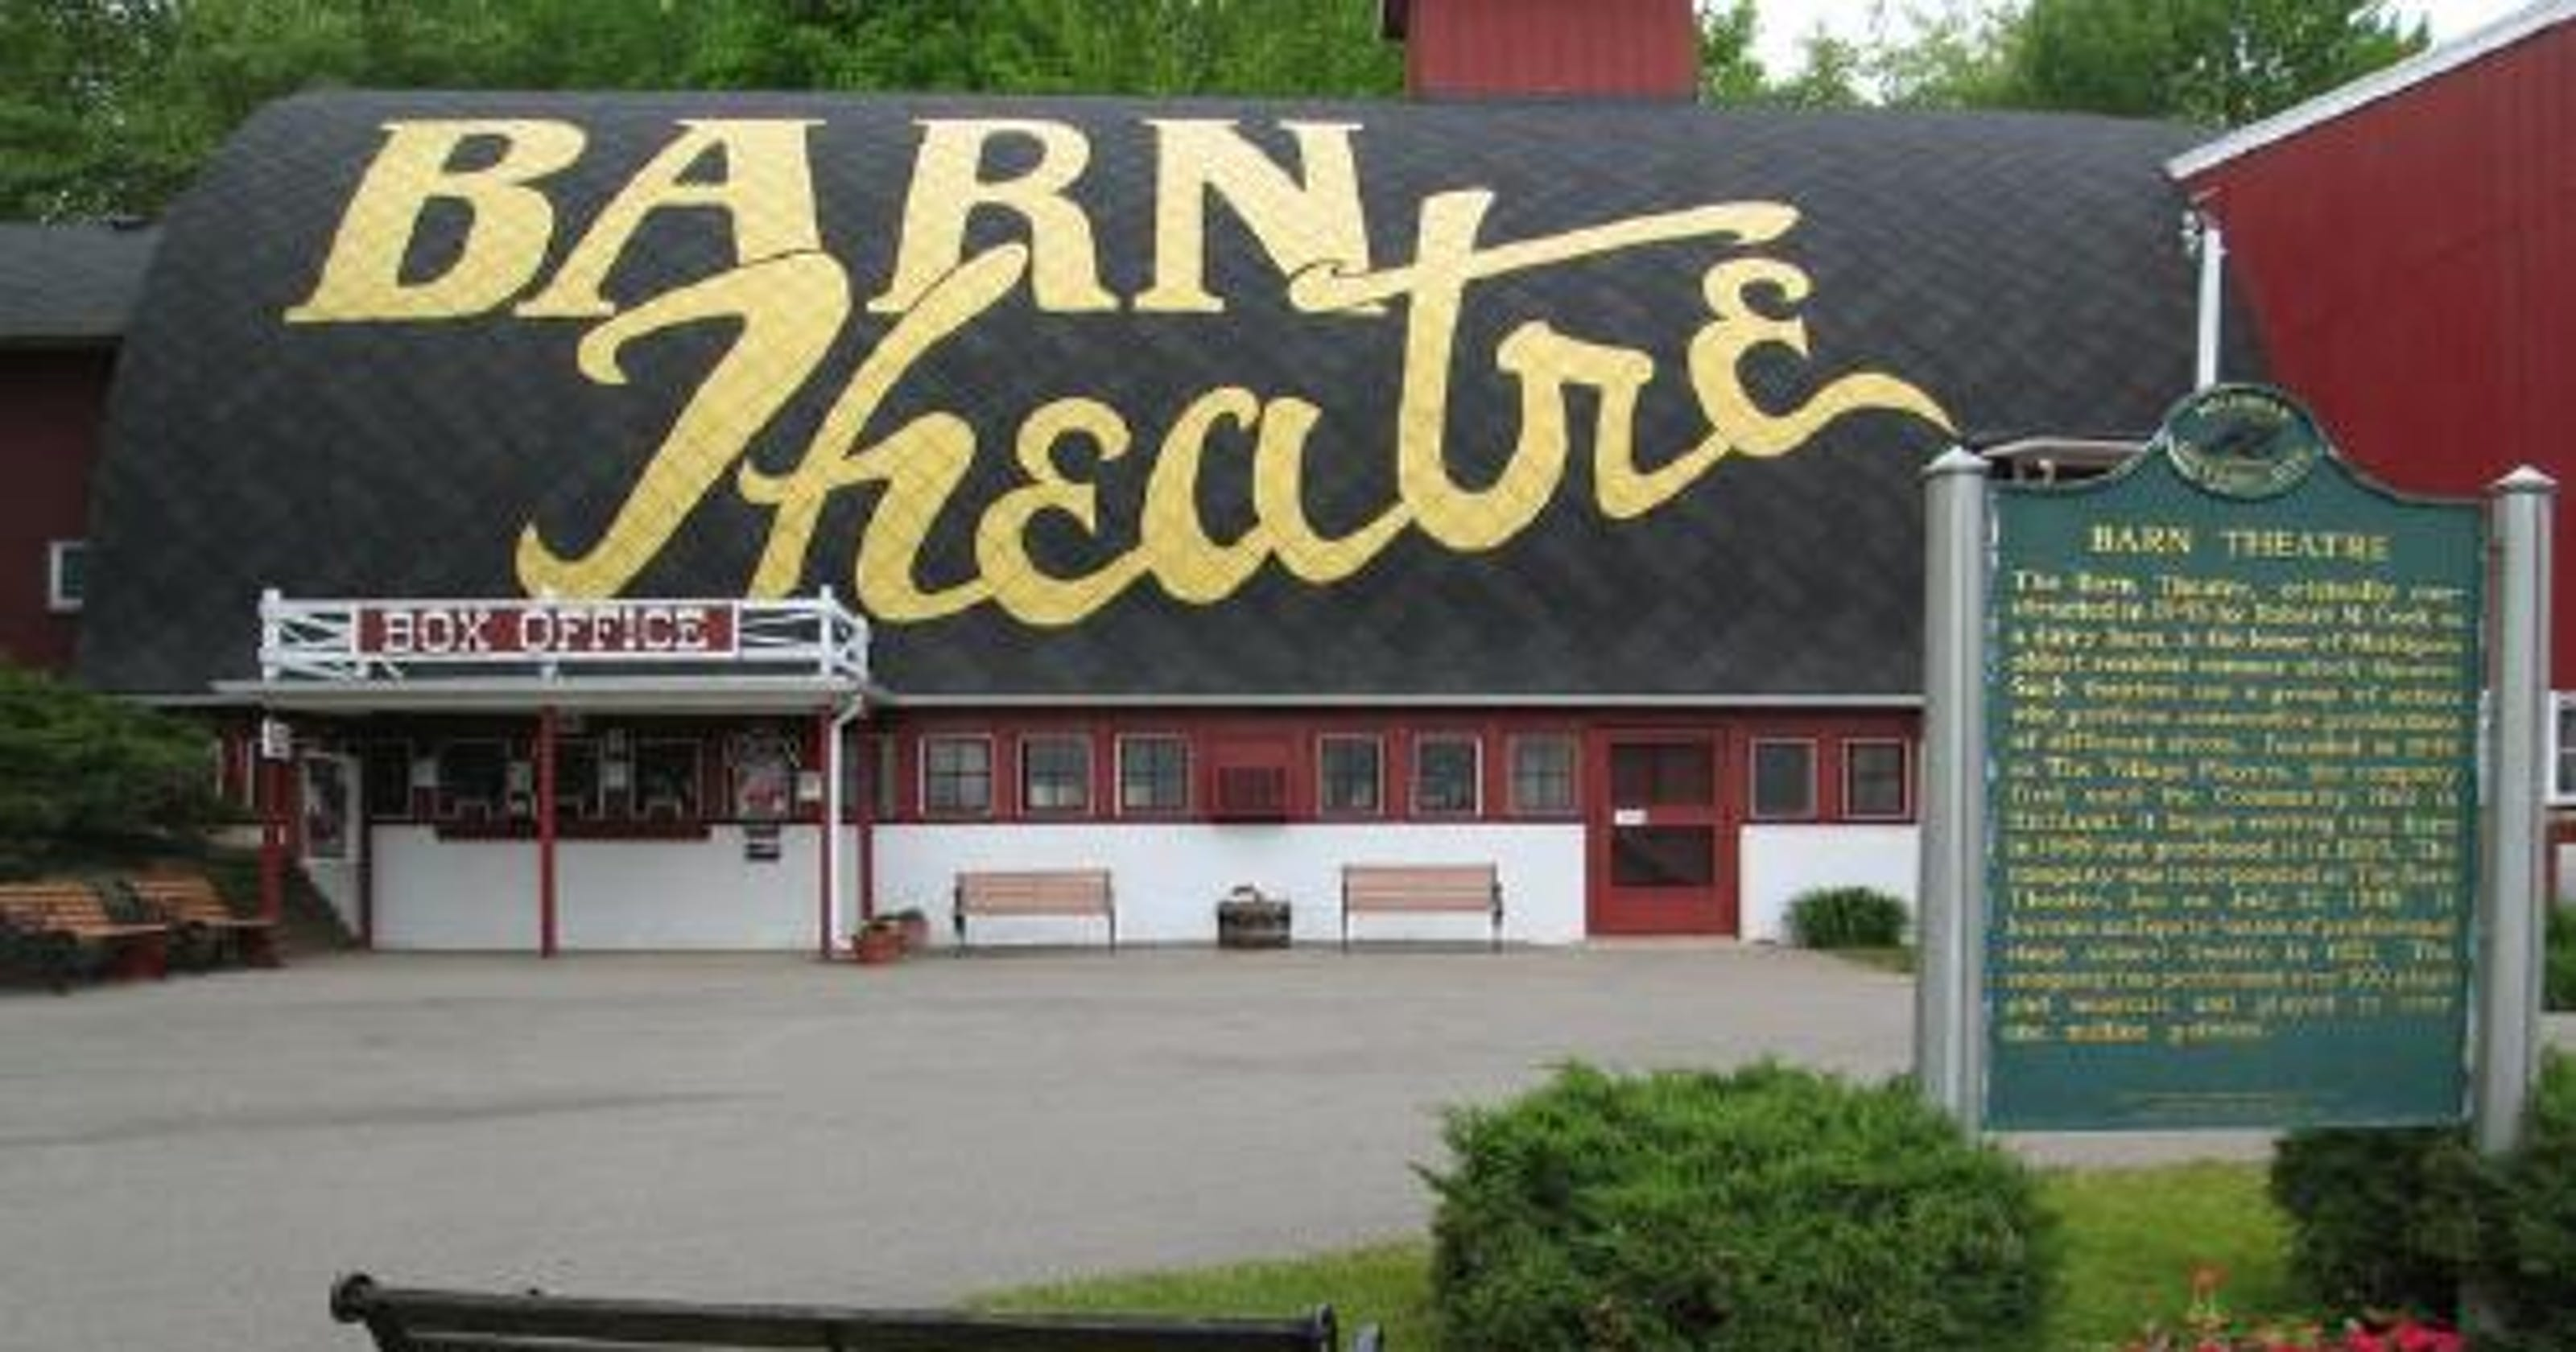 Barn Theatre's new season announced